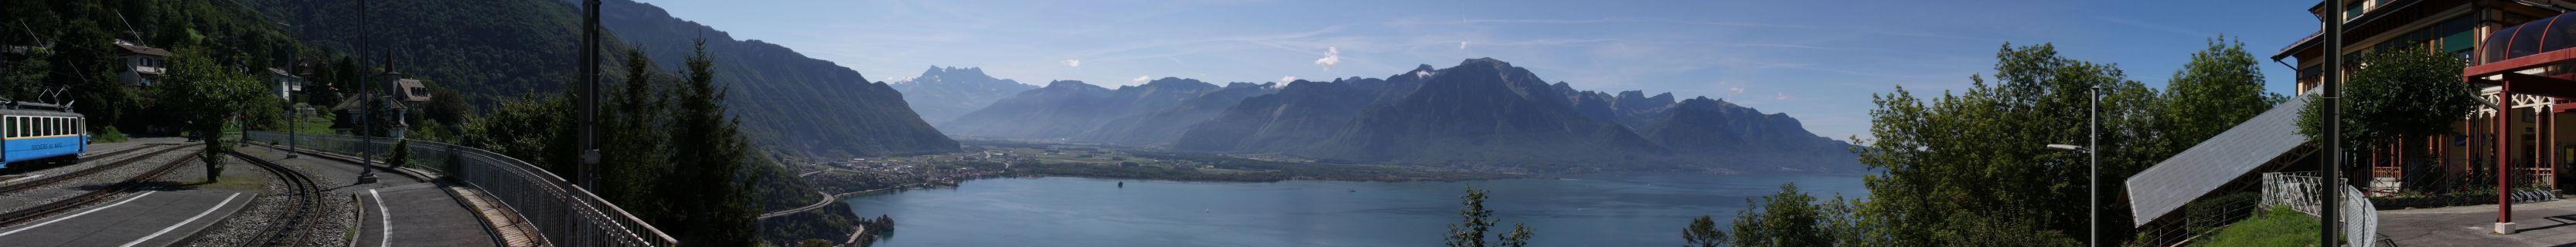 Montreux-Panorama von Glion aus